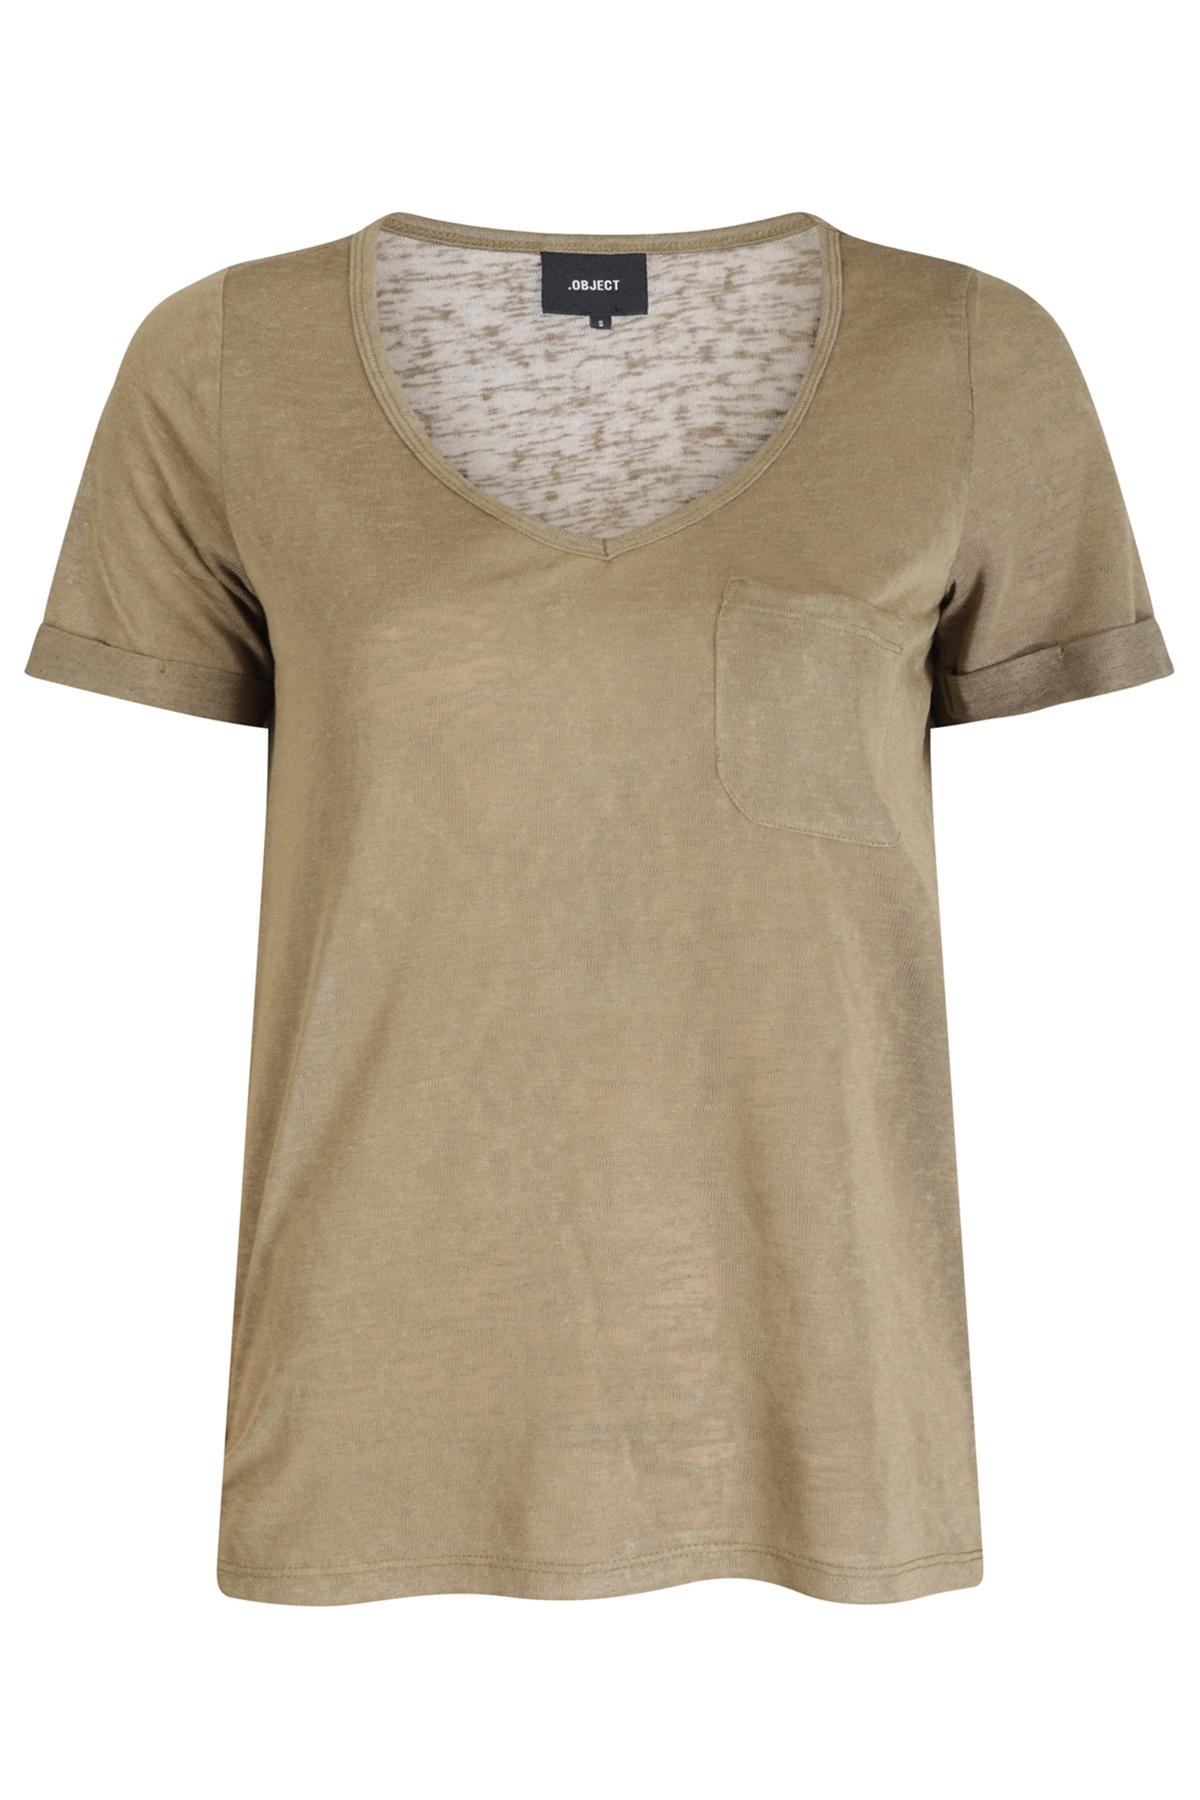 Object Shirt - Top Groen 23023816